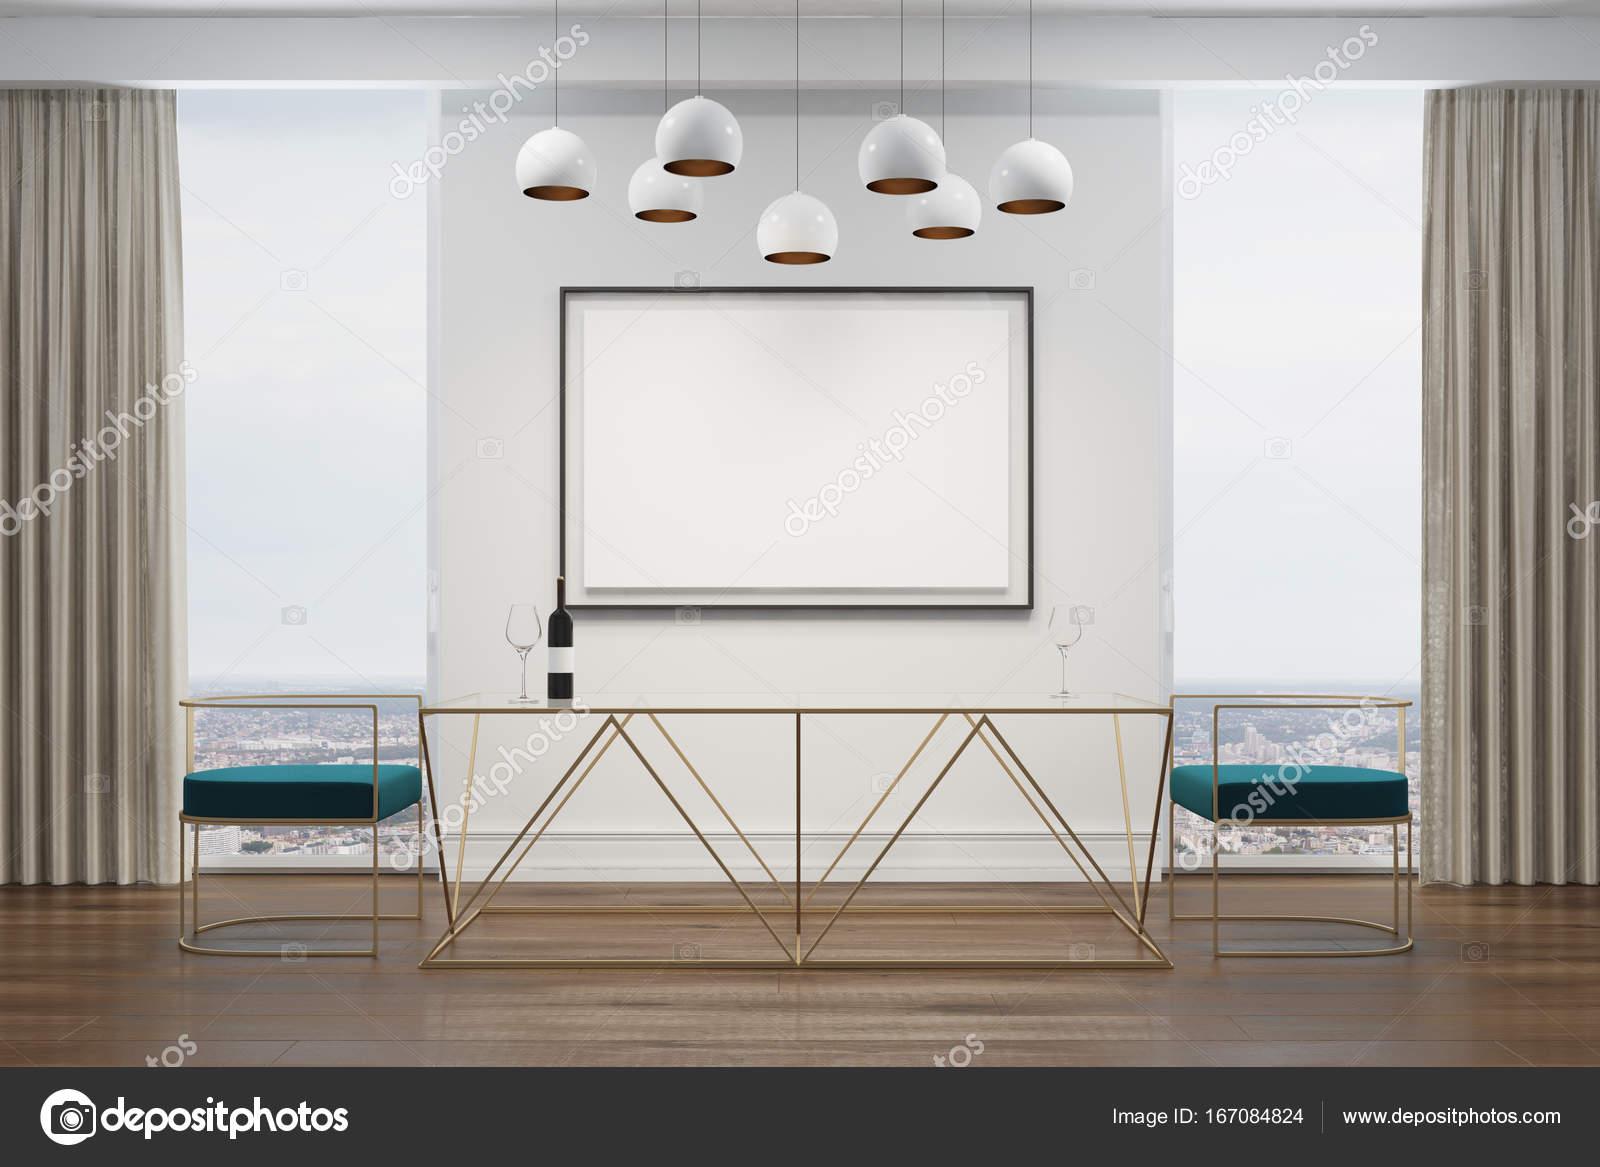 Weiß Esszimmer, Blaue Stühle, Poster U2014 Stockfoto